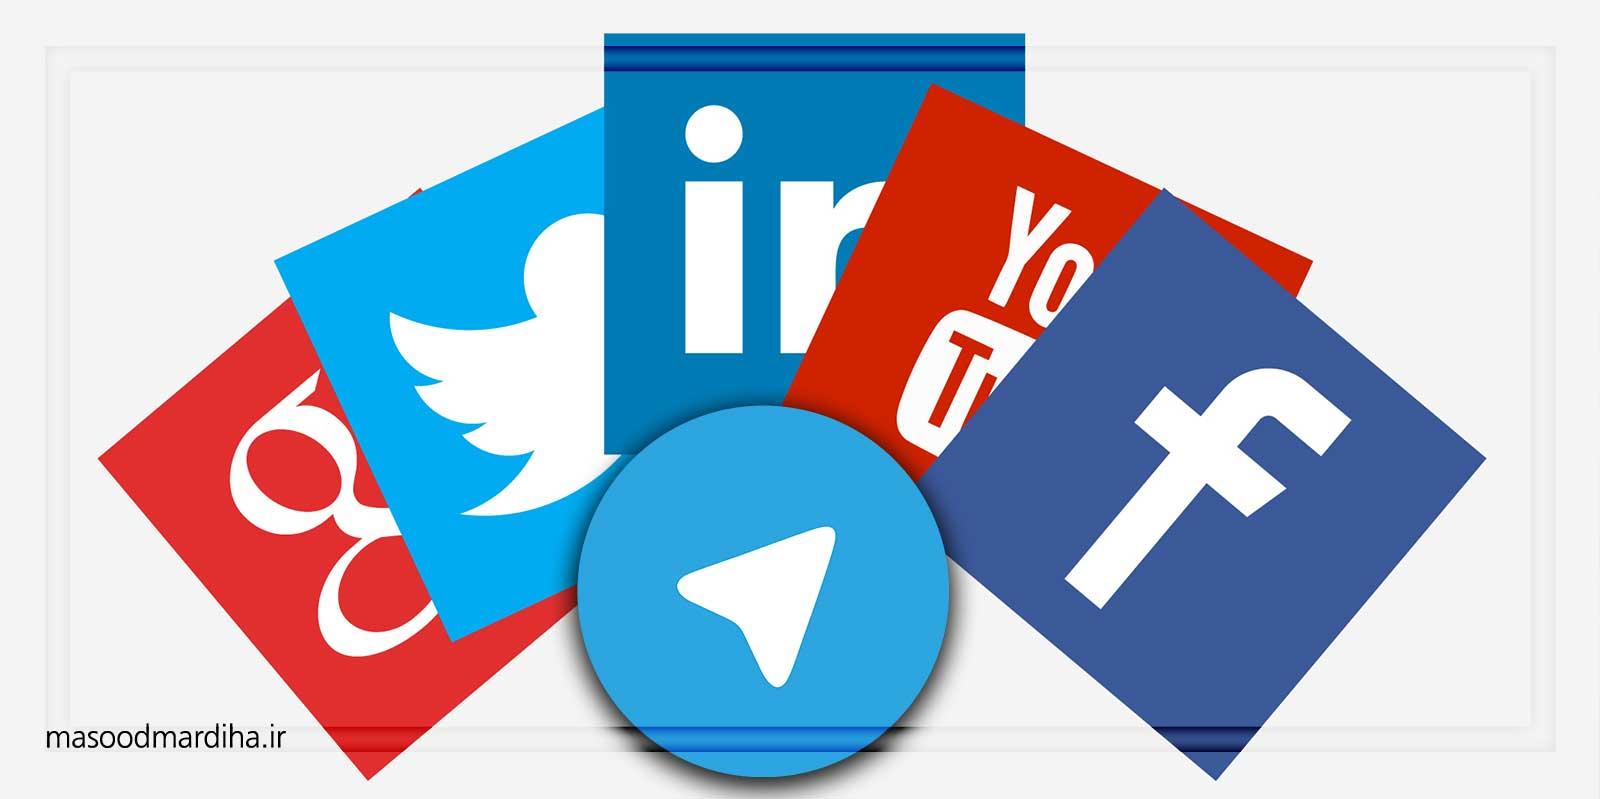 رسانه ها و شبکه های اجتماعی